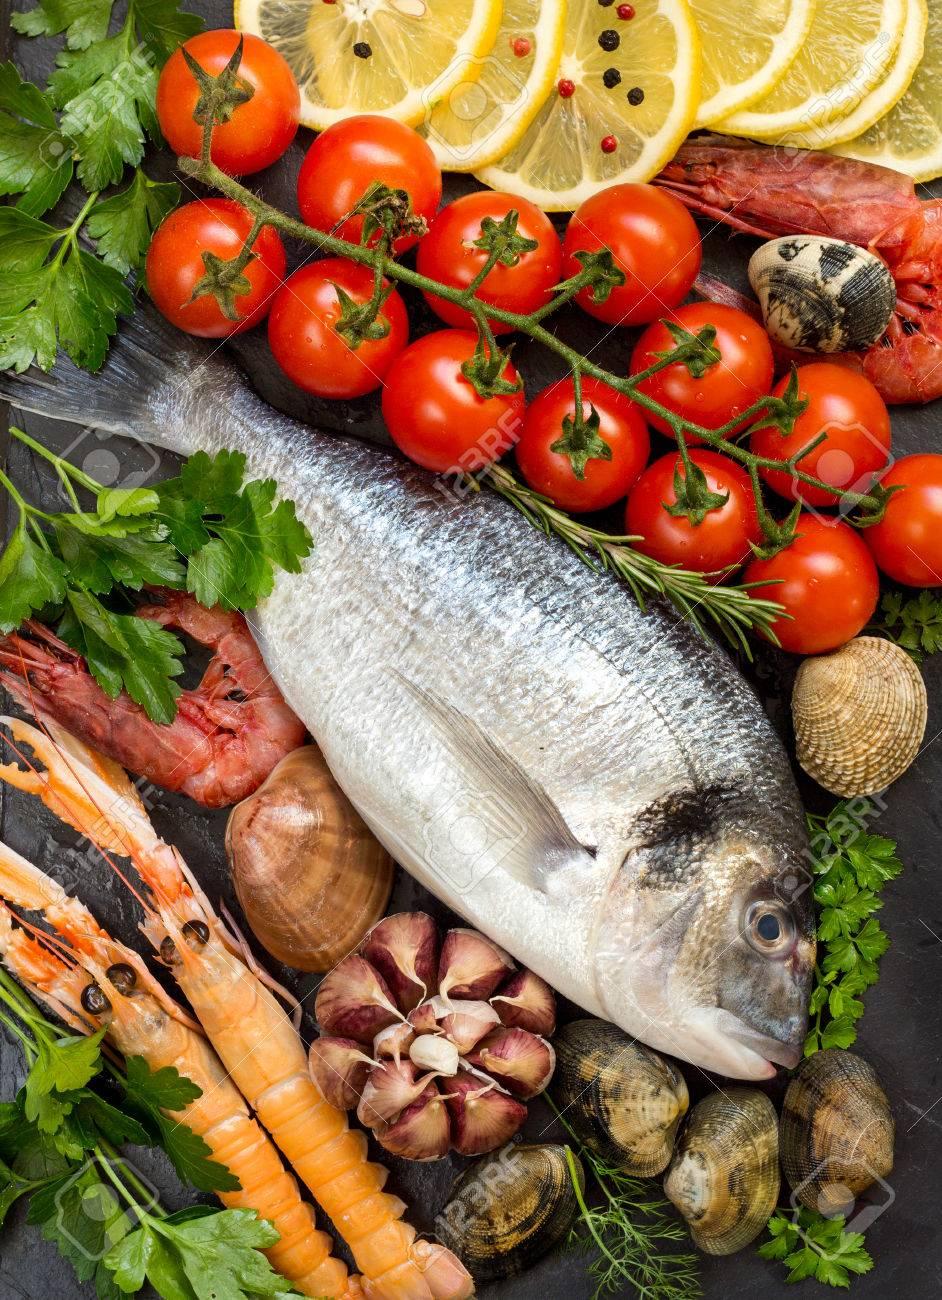 Dorado pesce fresco, frutti di mare e verdure Archivio Fotografico - 35562017